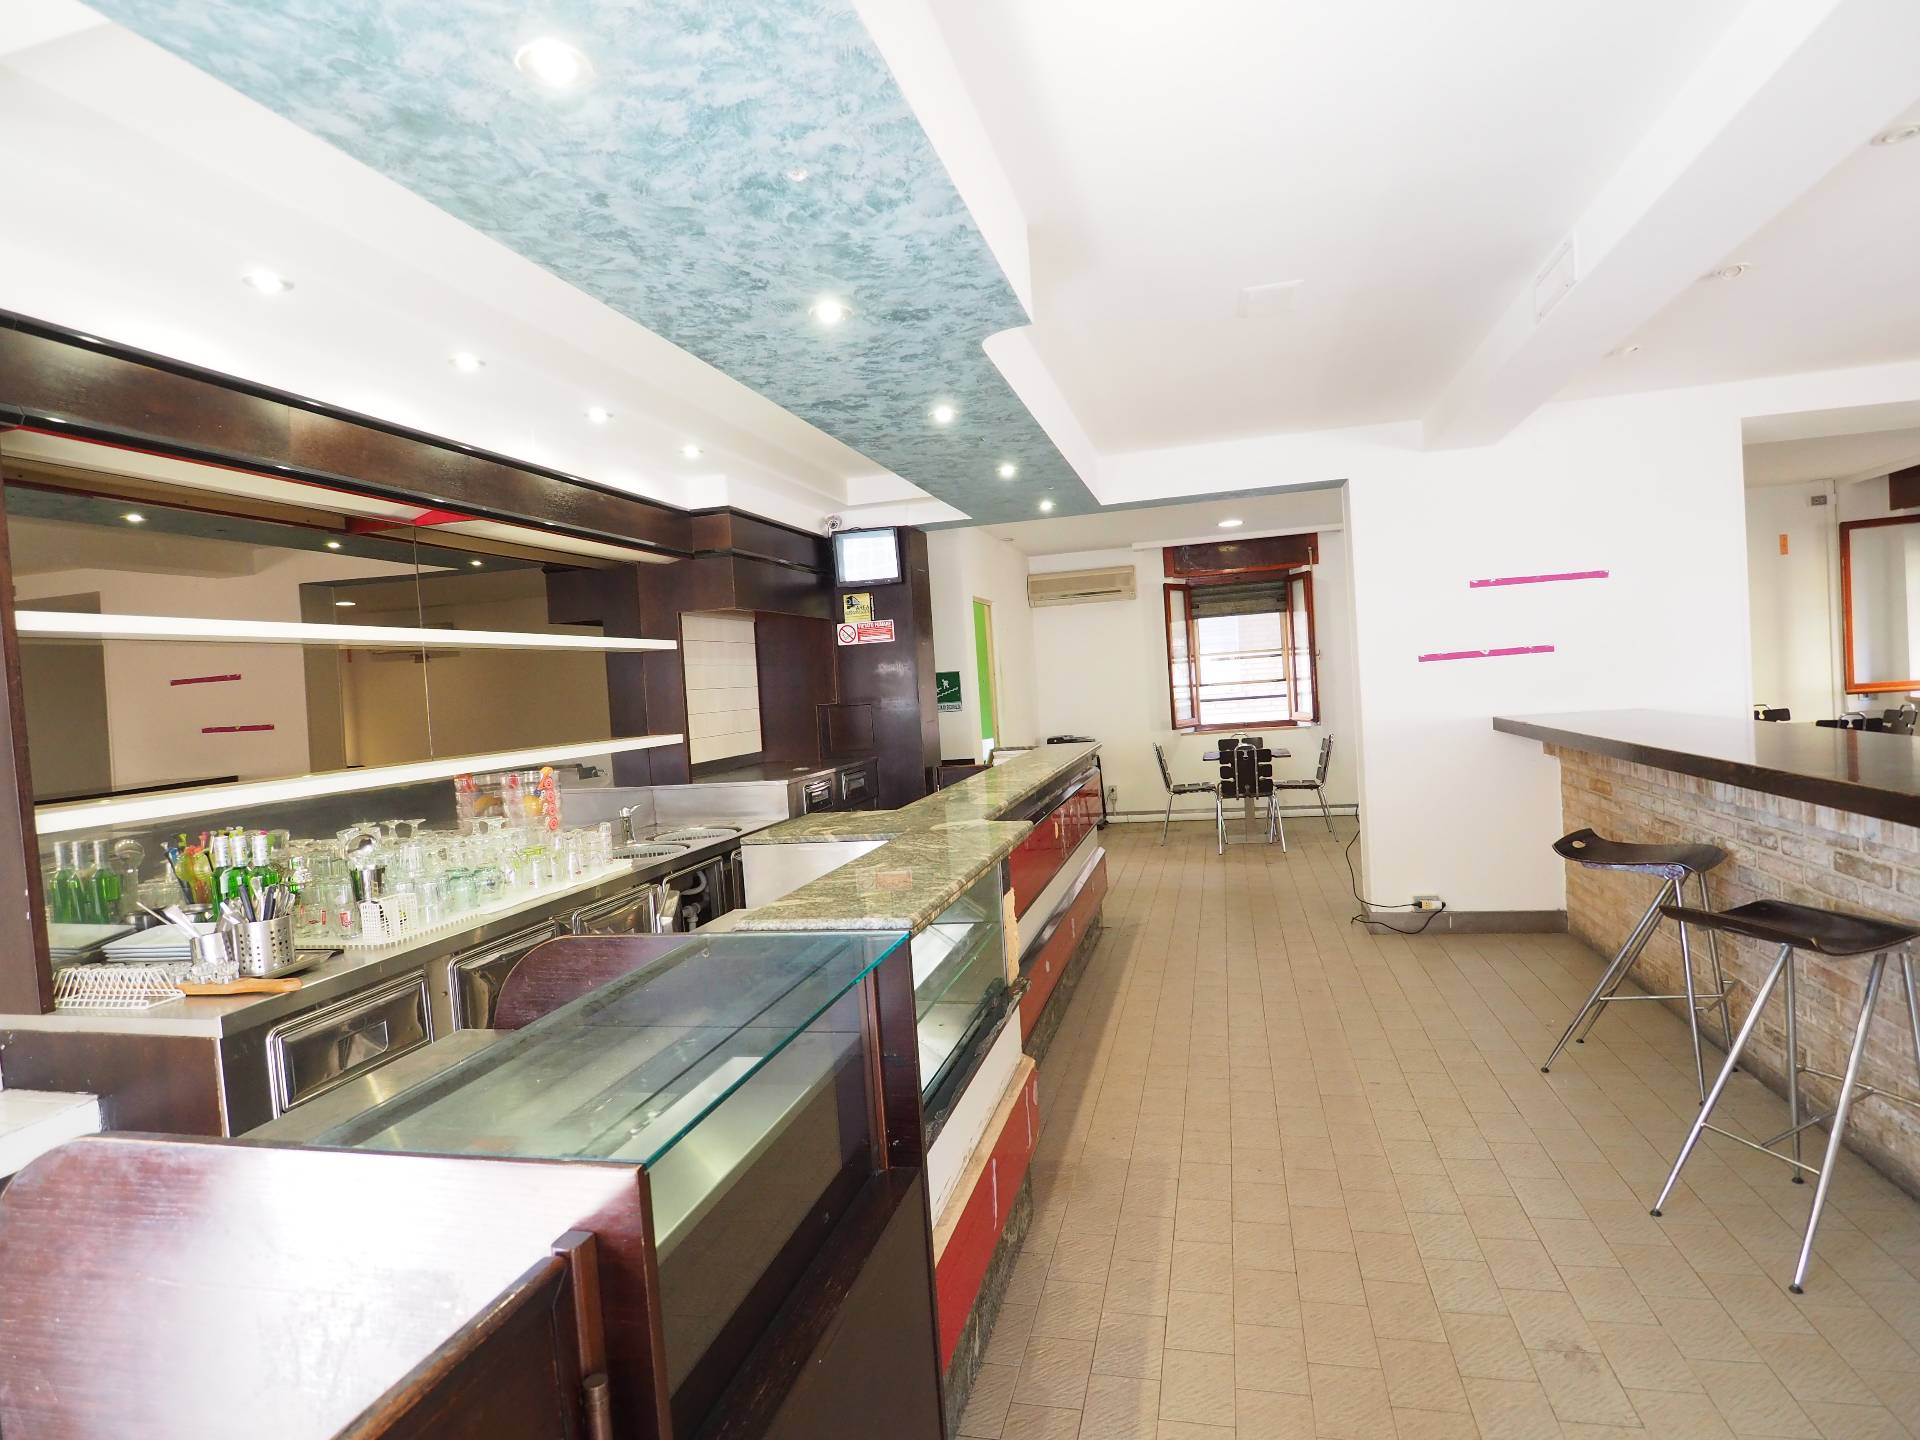 Negozio / Locale in vendita a Monte San Giusto, 9999 locali, prezzo € 69.000 | Cambio Casa.it